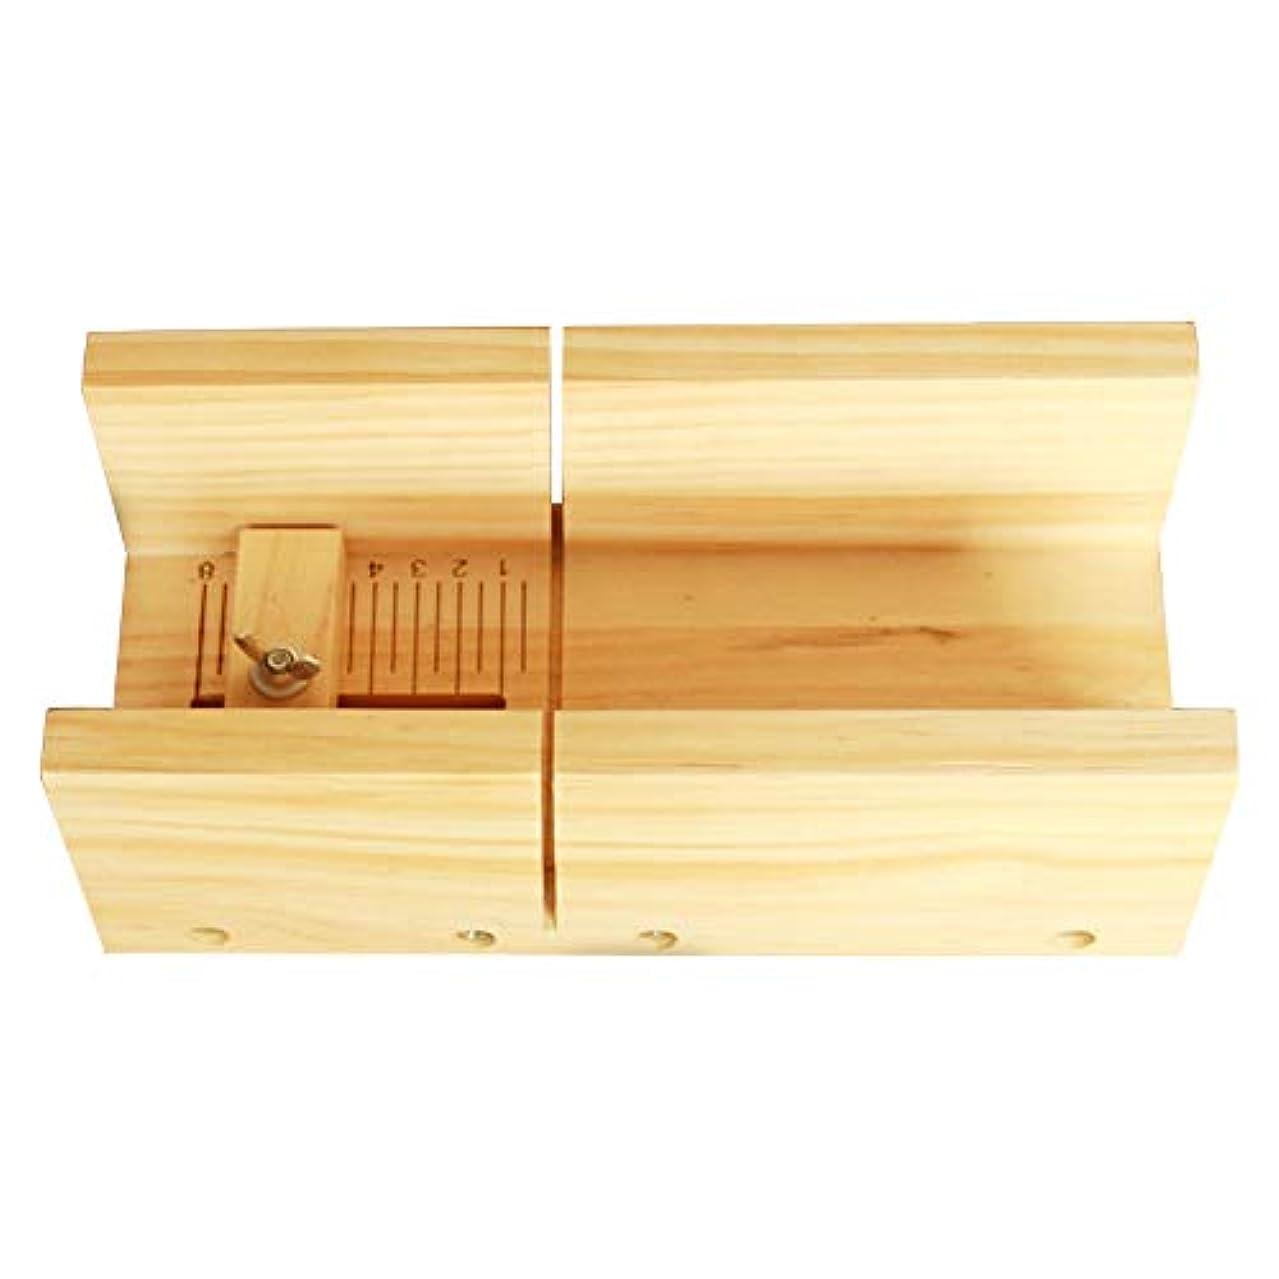 存在暖炉エトナ山ソープカッター、多機能ソープカッターキャンドルケーキチョコレートカッティングツール木製ボックス器具キャンドルスケール用DIYクラフトを作る